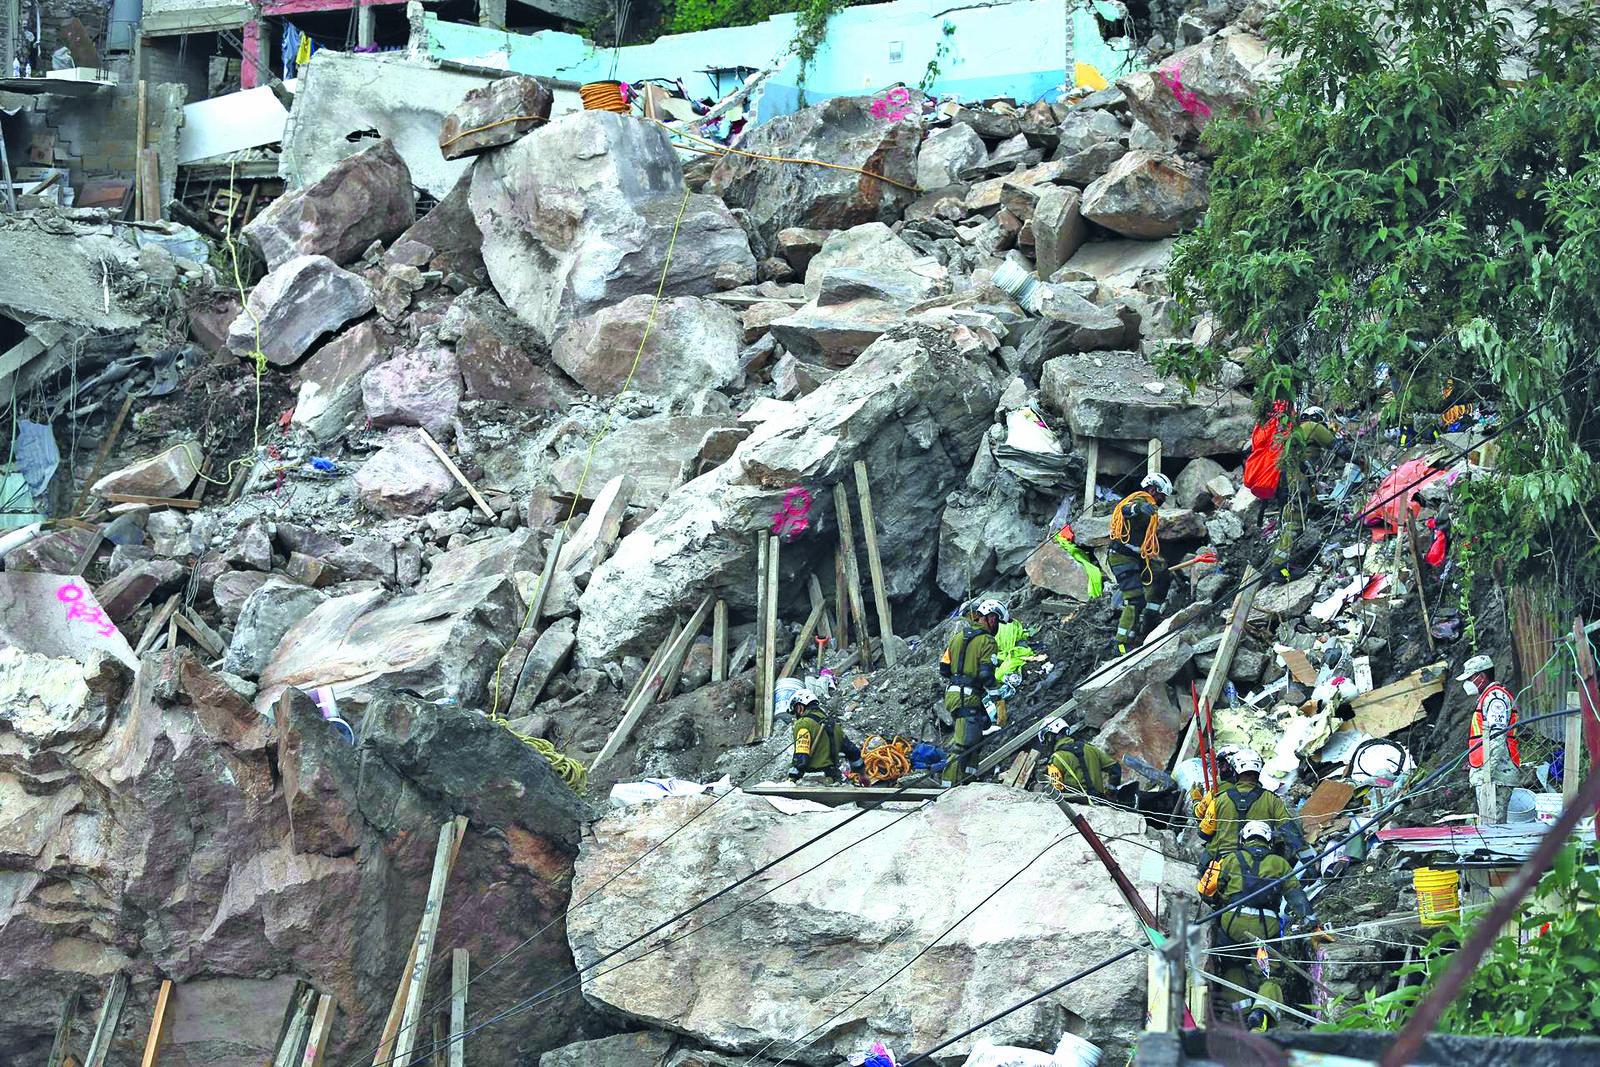 Autoridades identifican a 3 personas como desparecidas tras derrumbe